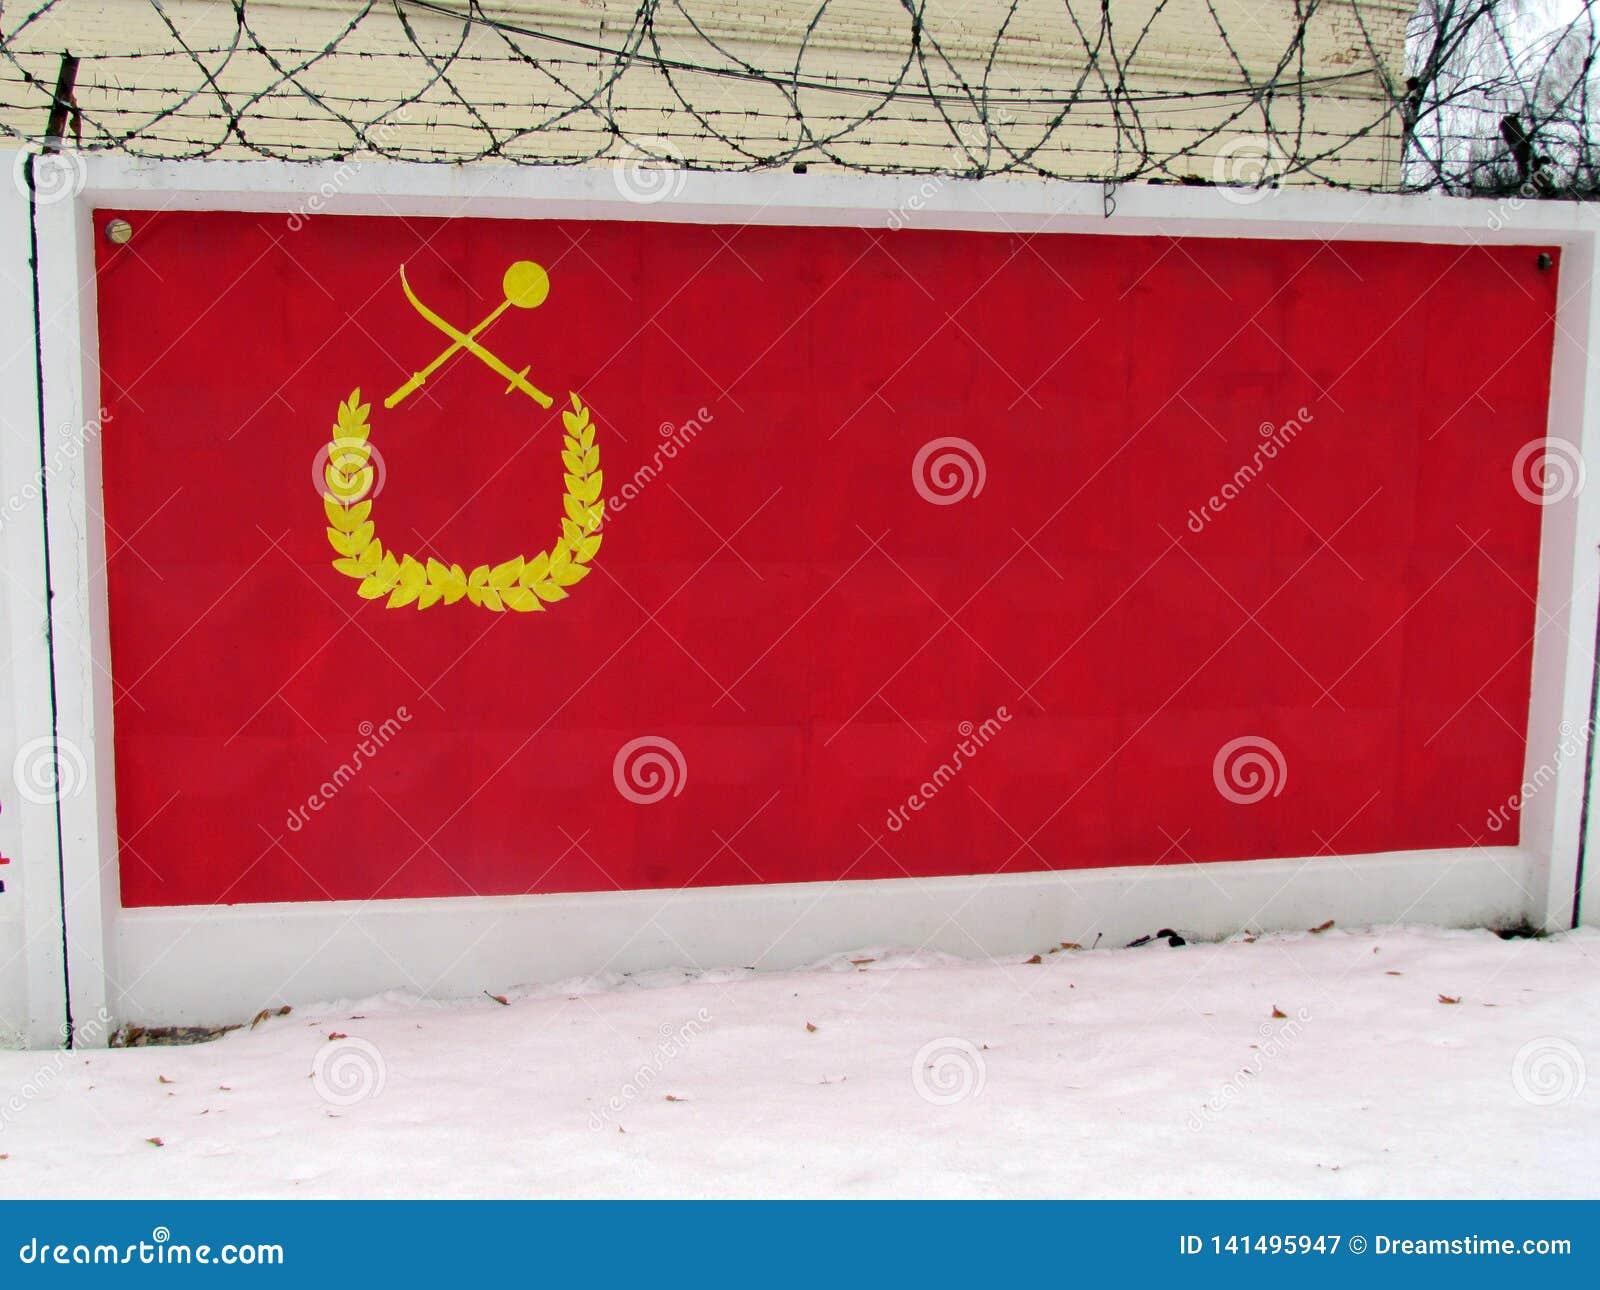 Simboli nazionali e bandiere dei distretti della regione di Poltava